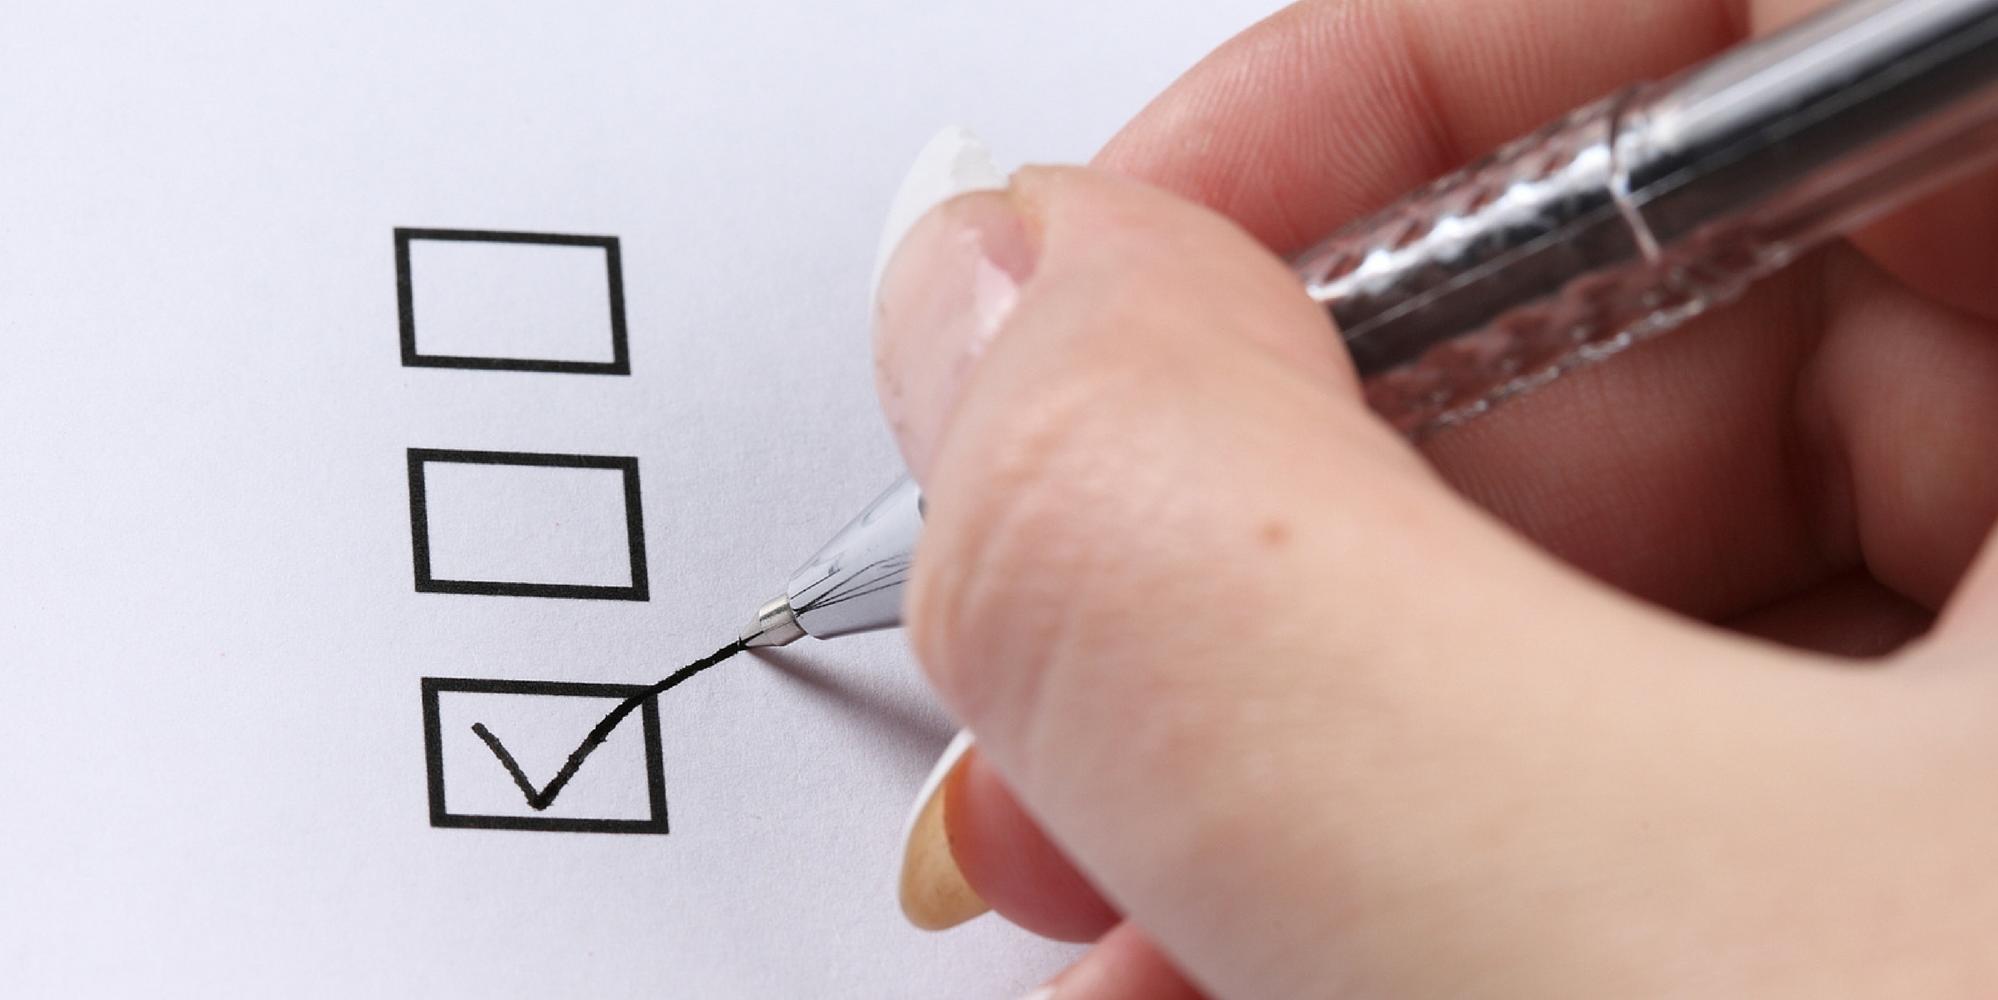 tulemuste juhtimine, eesmärk, tagasiside